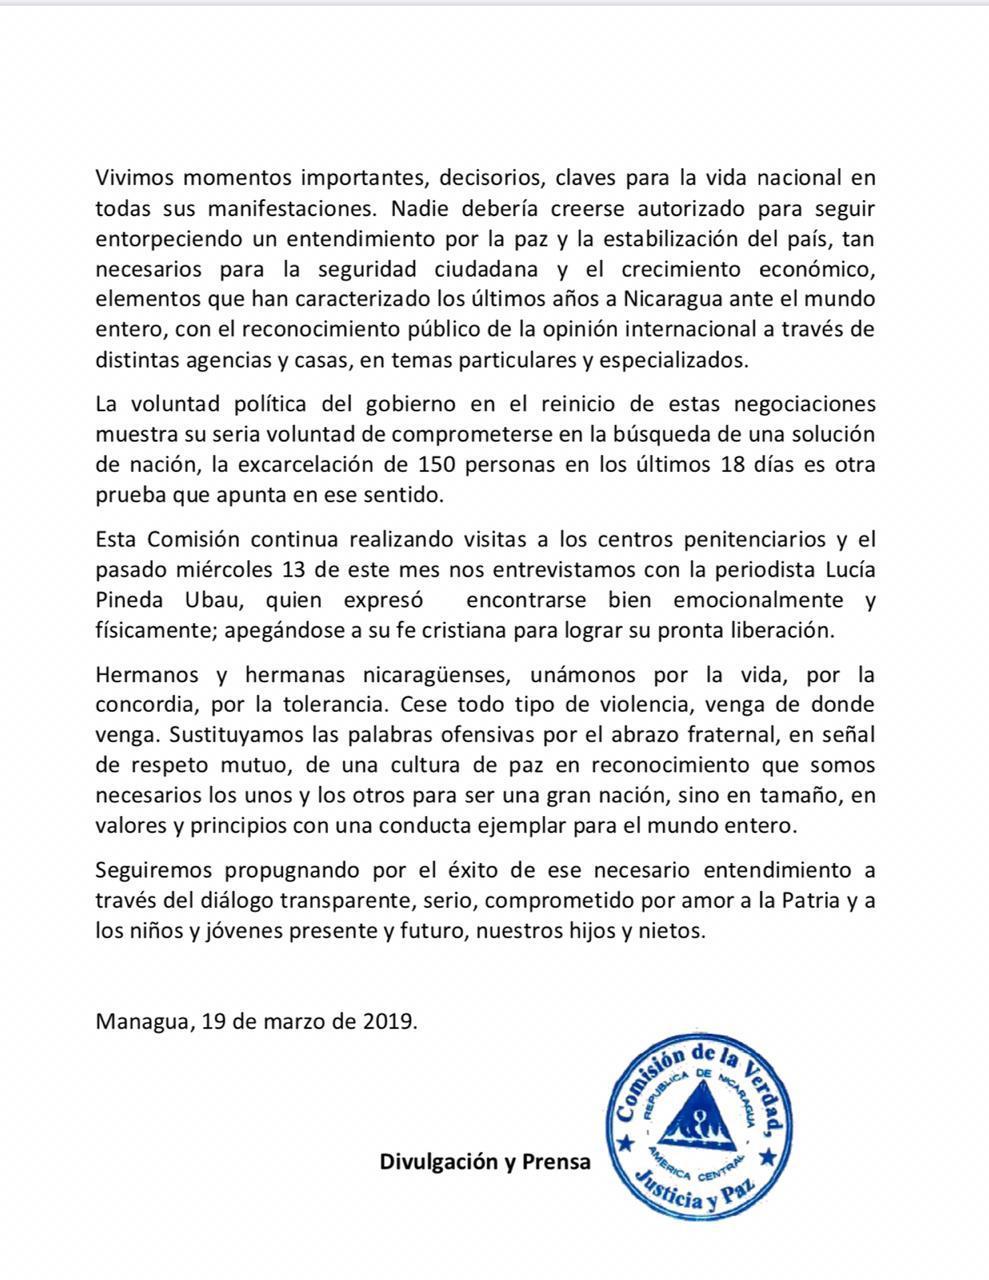 Comisión de la Verdad, Justicia y Paz emite nuevo comunicado